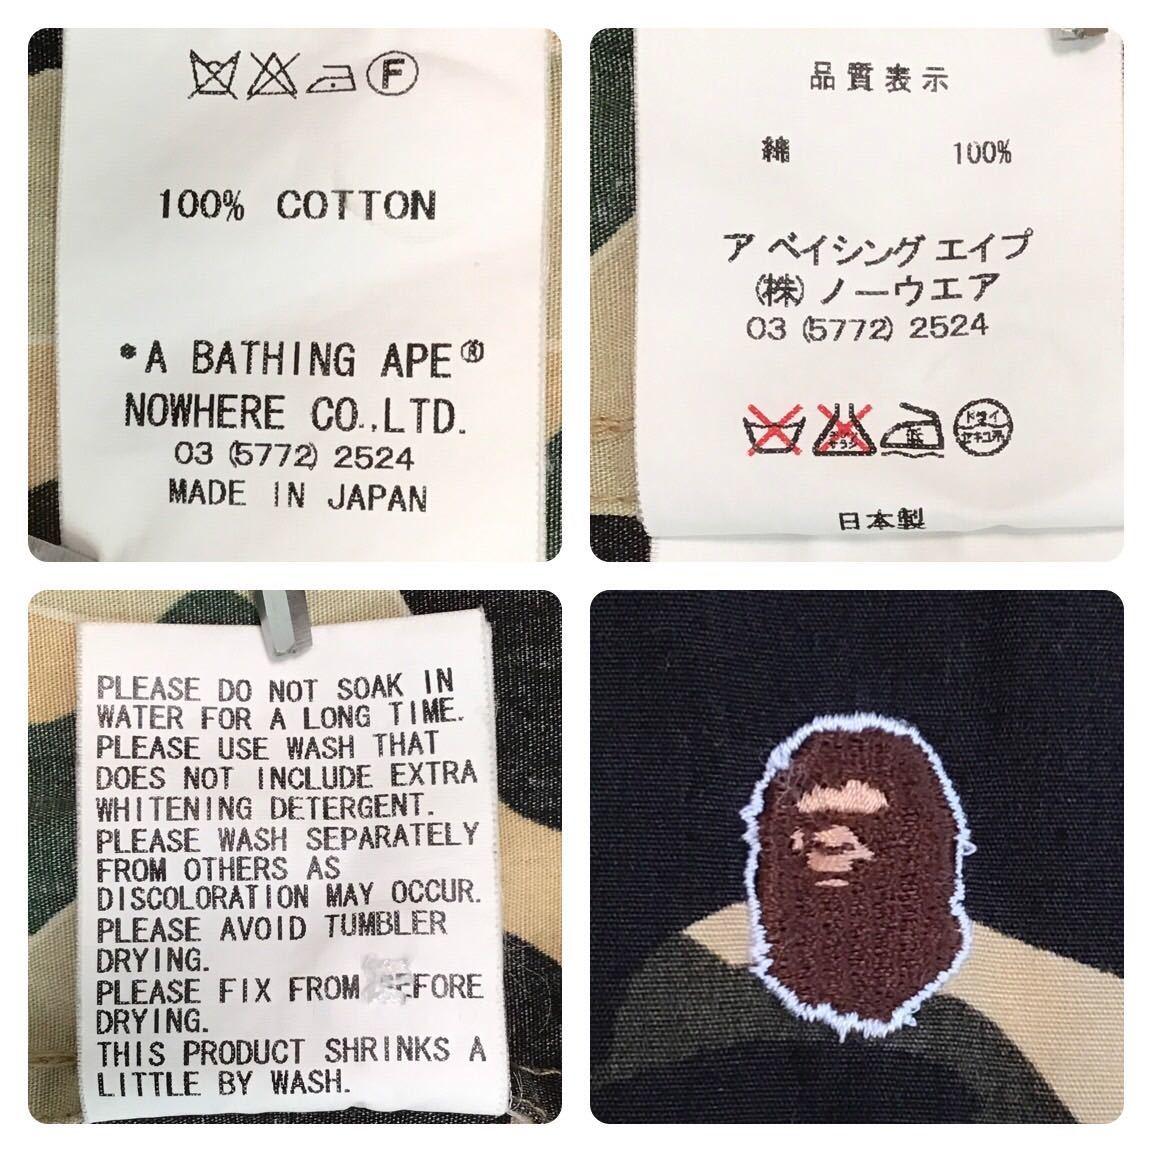 ★激レア★ kaws bendy 1st camo yellow 半袖シャツ Lサイズ a bathing ape bape カウズ エイプ ベイプ アベイシングエイプ 迷彩 nigo l713